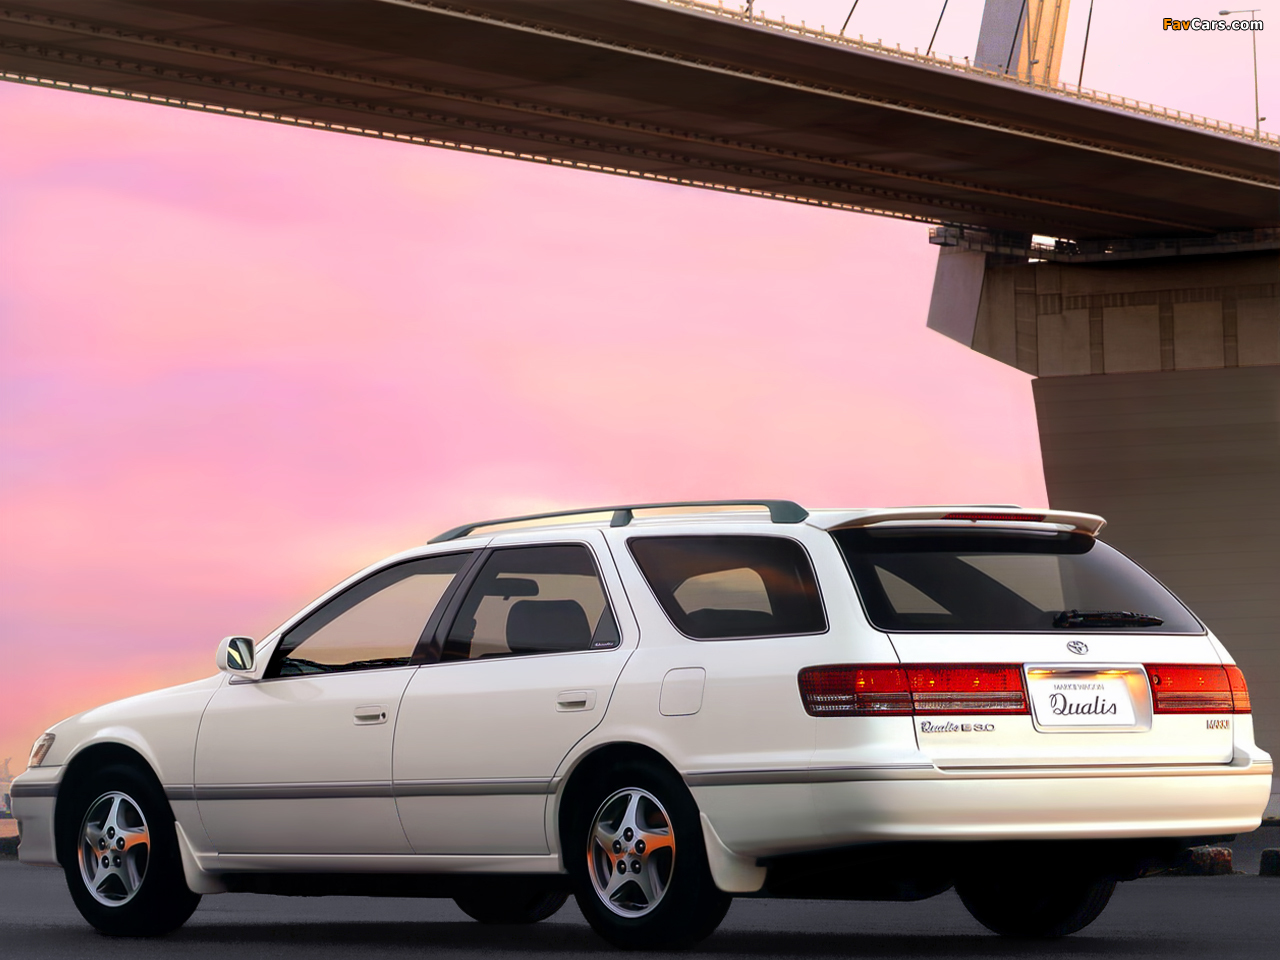 Купить Тойота Марк 2 Куалис 2000 года в Хабаровске, Продам ...